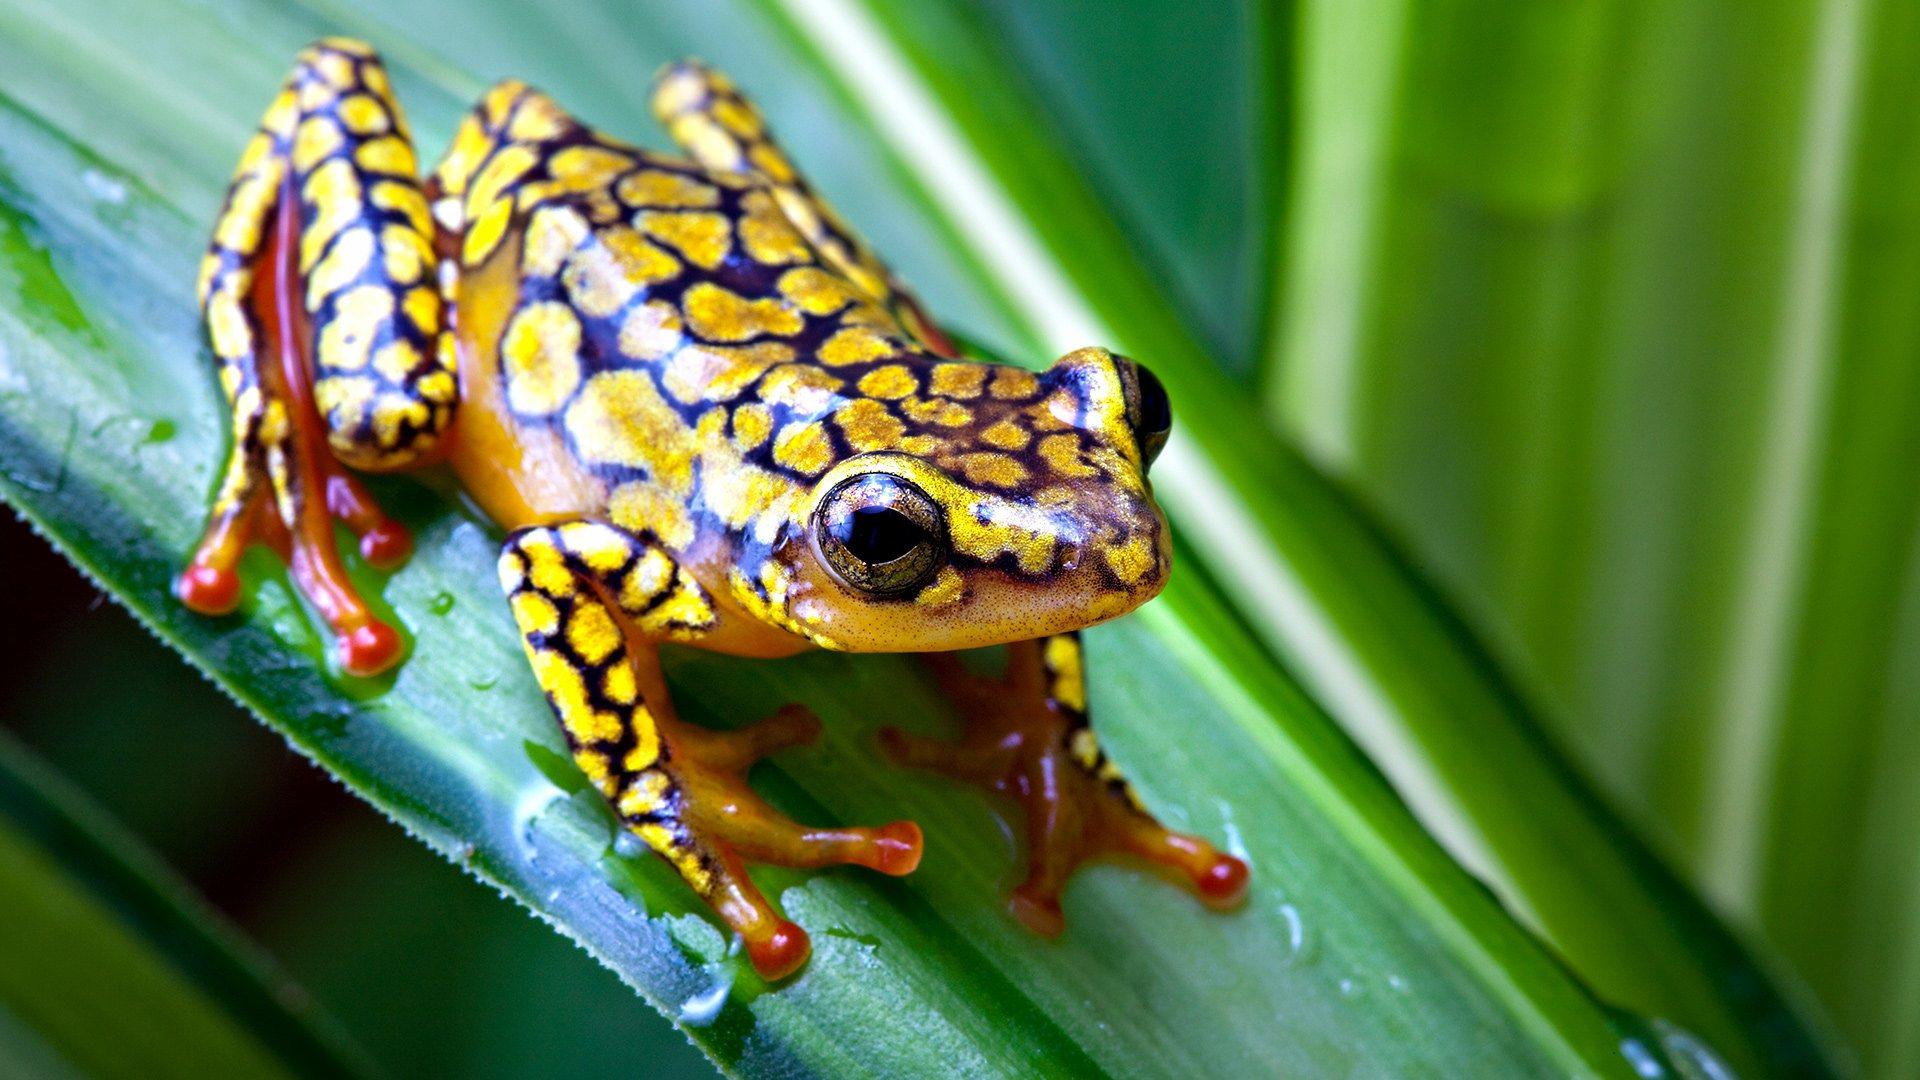 frog on leaf wallpaper background